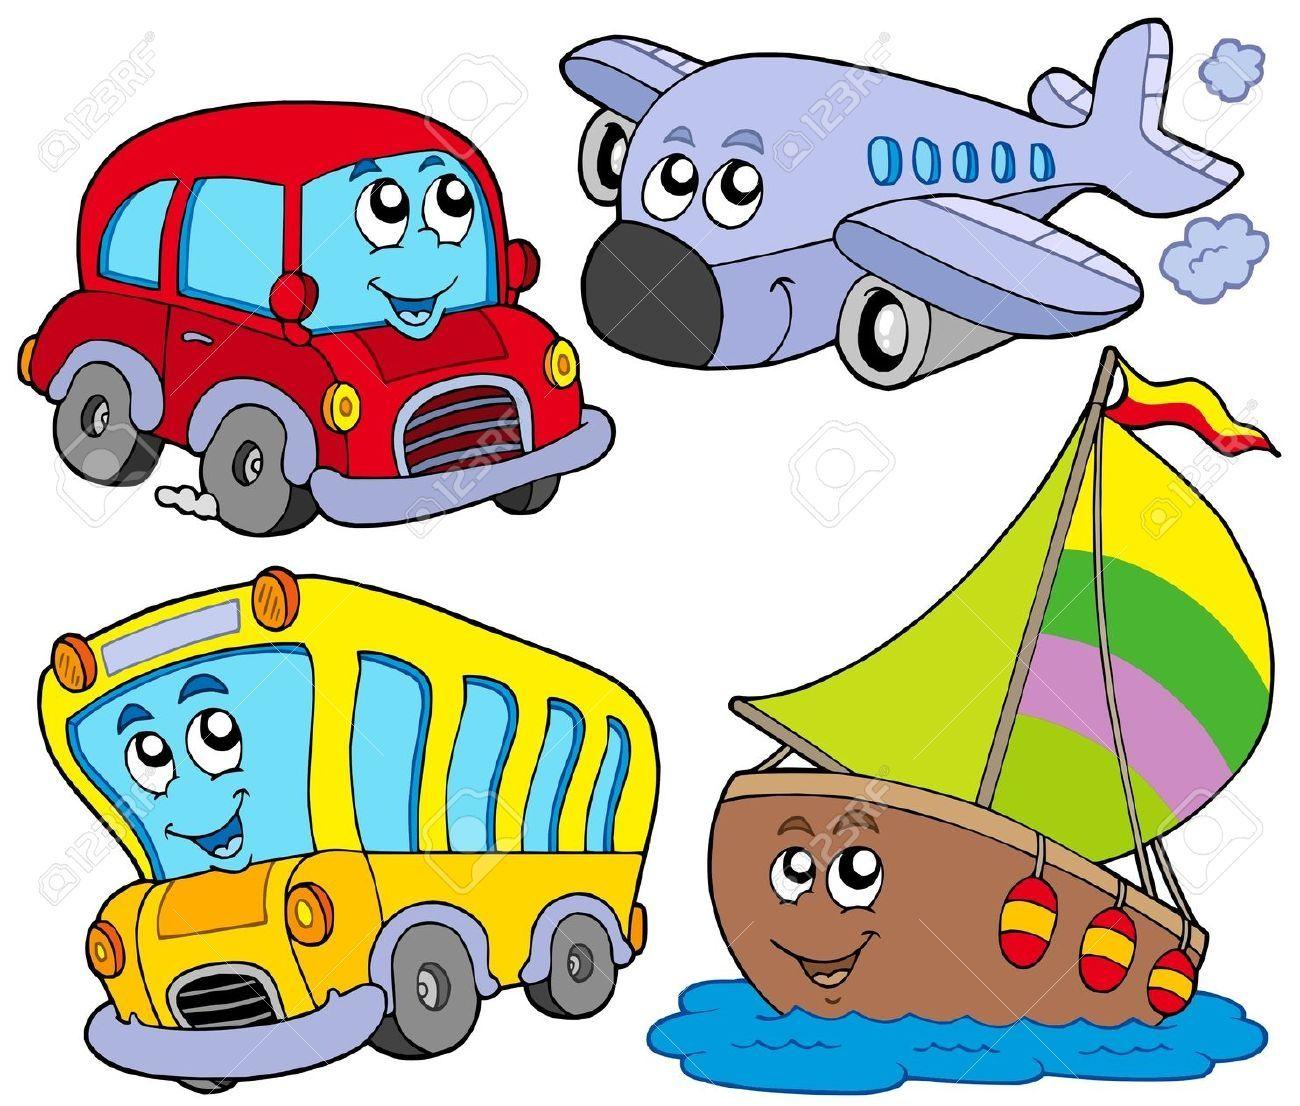 1300x1106 Transportation Clipart Cartoon Cartoon Illustration Vector Illustration